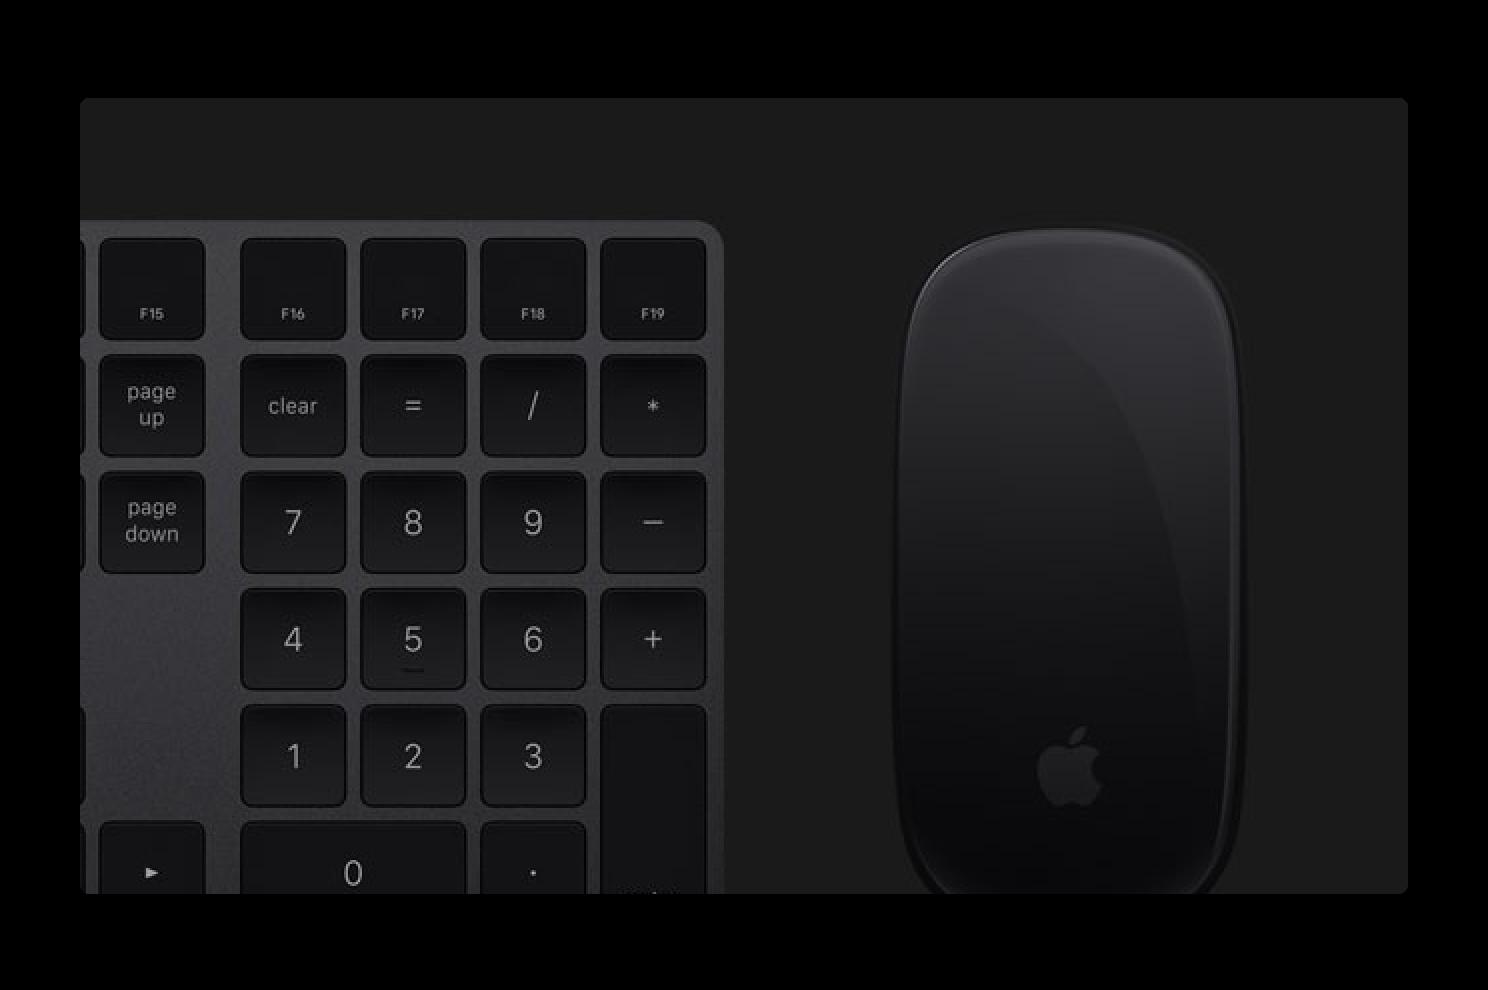 Apple、iMac Proとは別にスペースグレーのアクセサリーの発売を開始